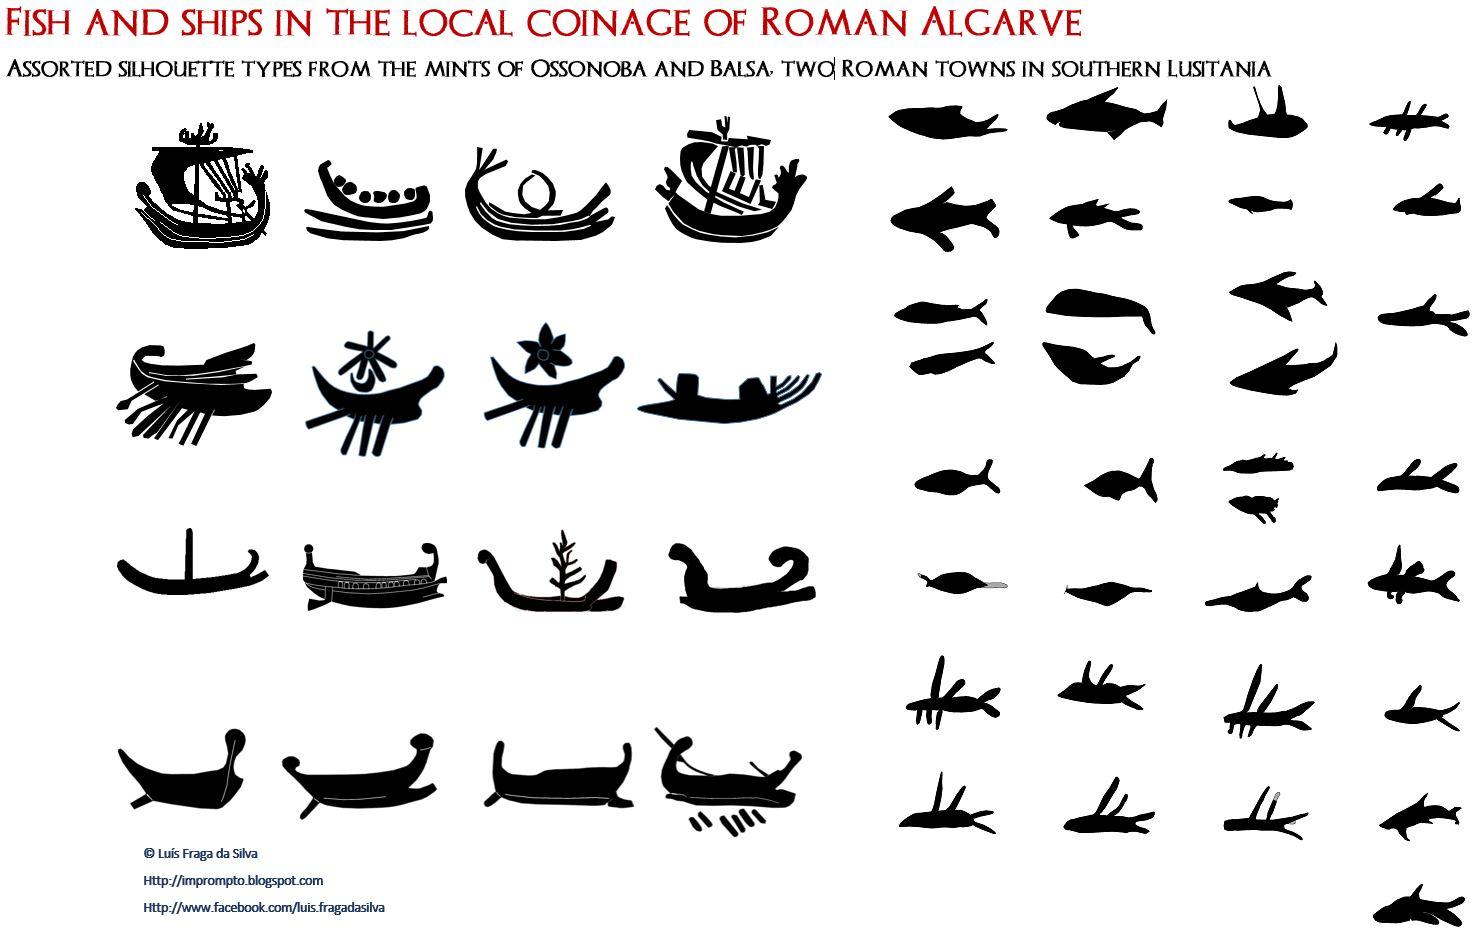 Monedas locales del sur de Lusitania en época romana. Nuevos datos y nuevas lecturas Capture